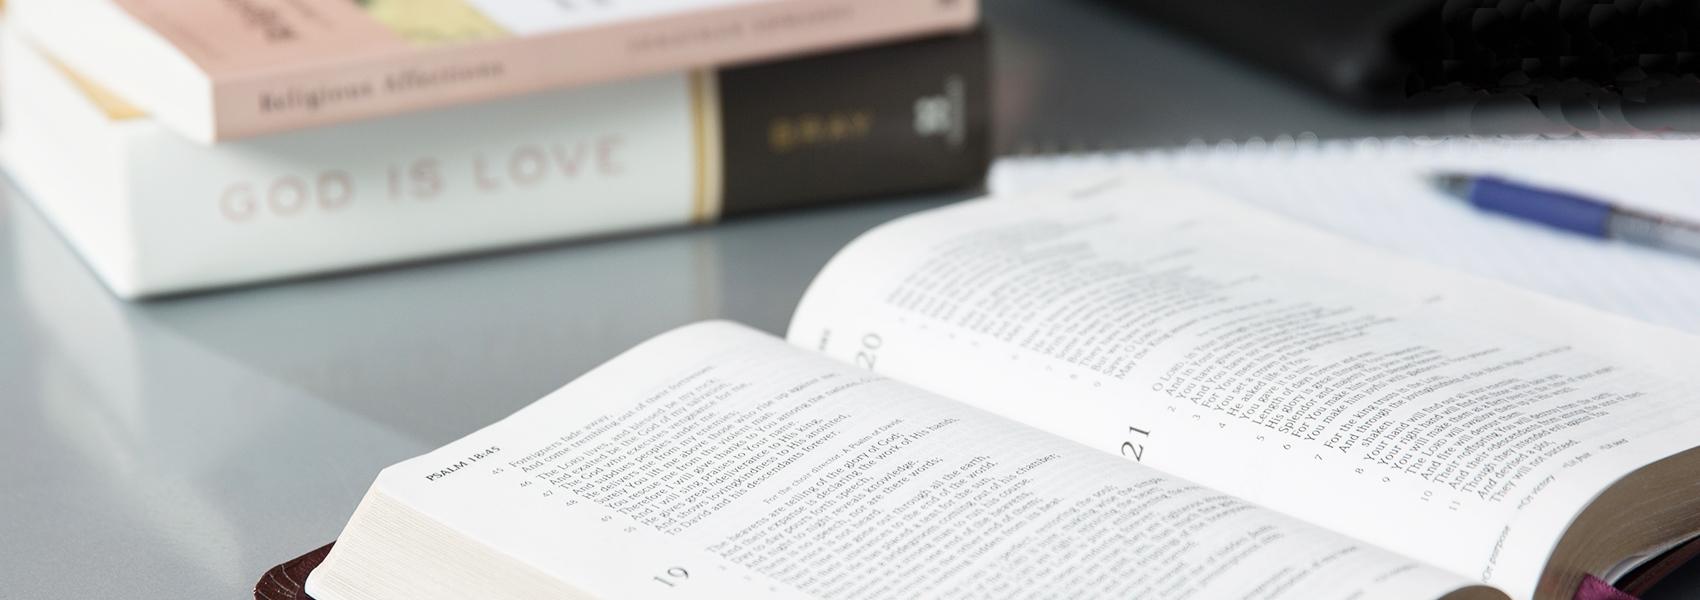 Christian Leadership & Church Ministries: Biblical Studies